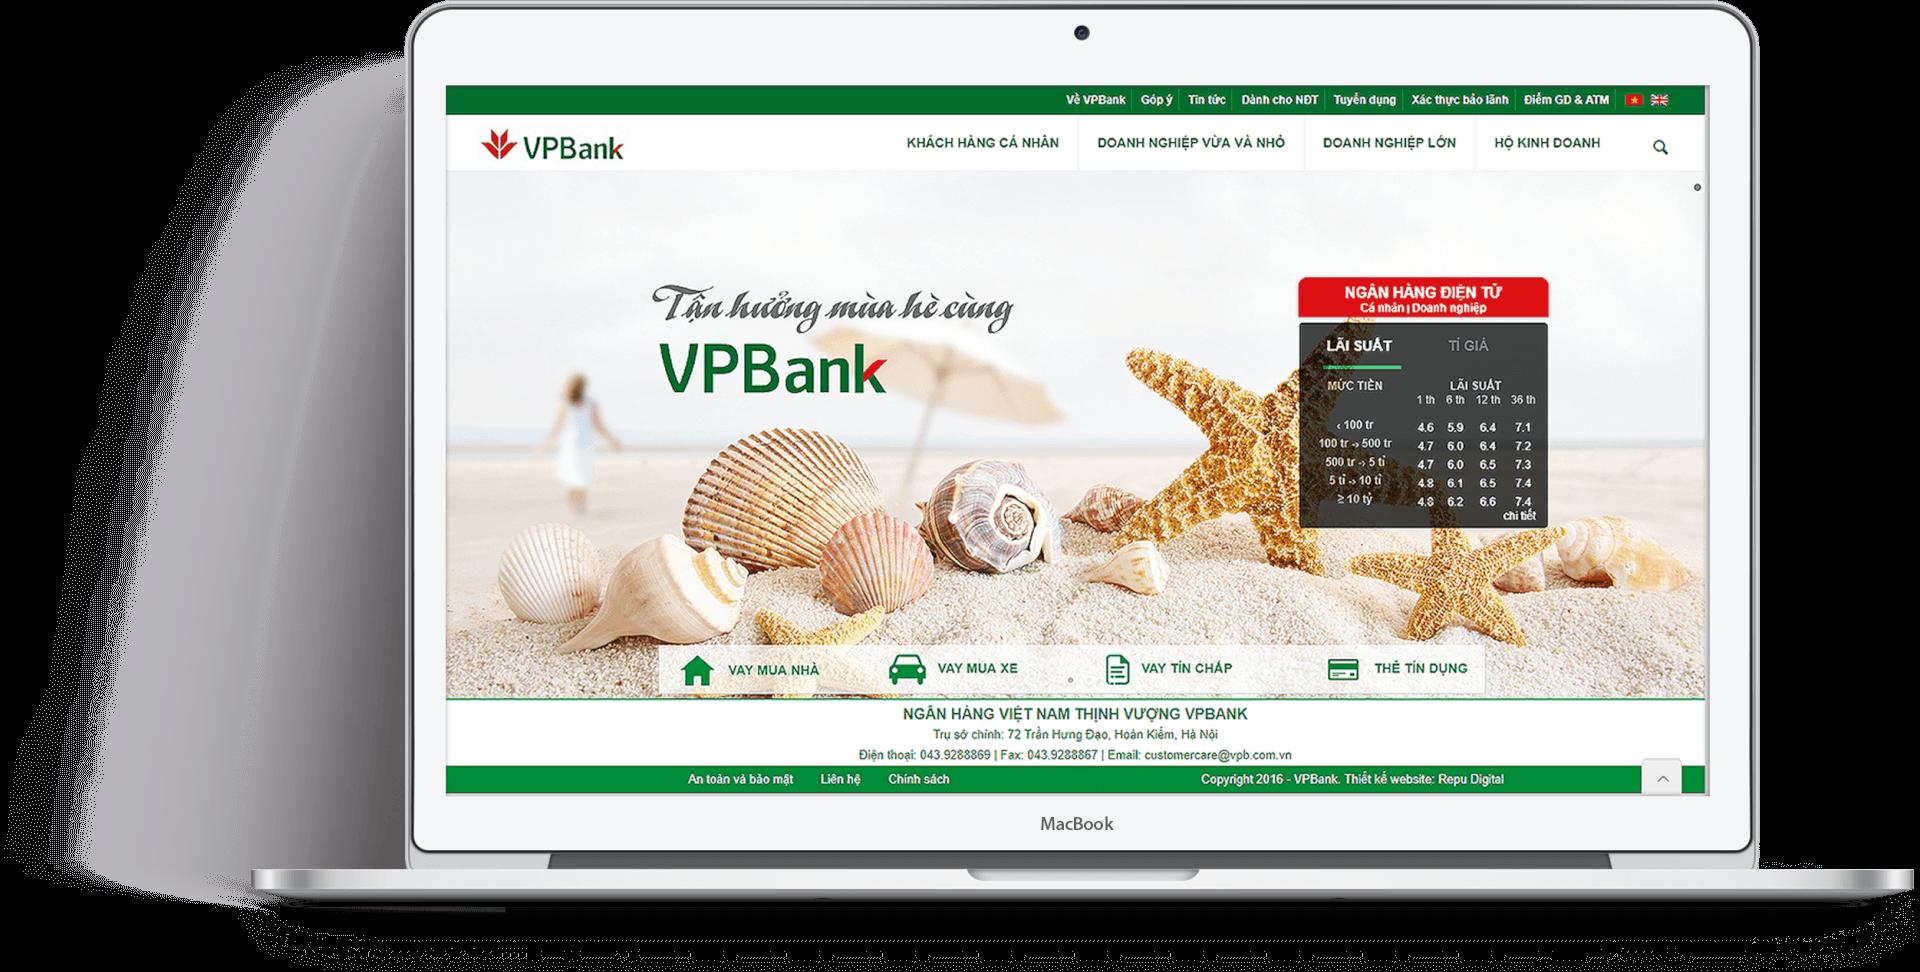 Repu thiết kế website tối ưu Sales - SEO - Marketing cho ngân hàng VPBank